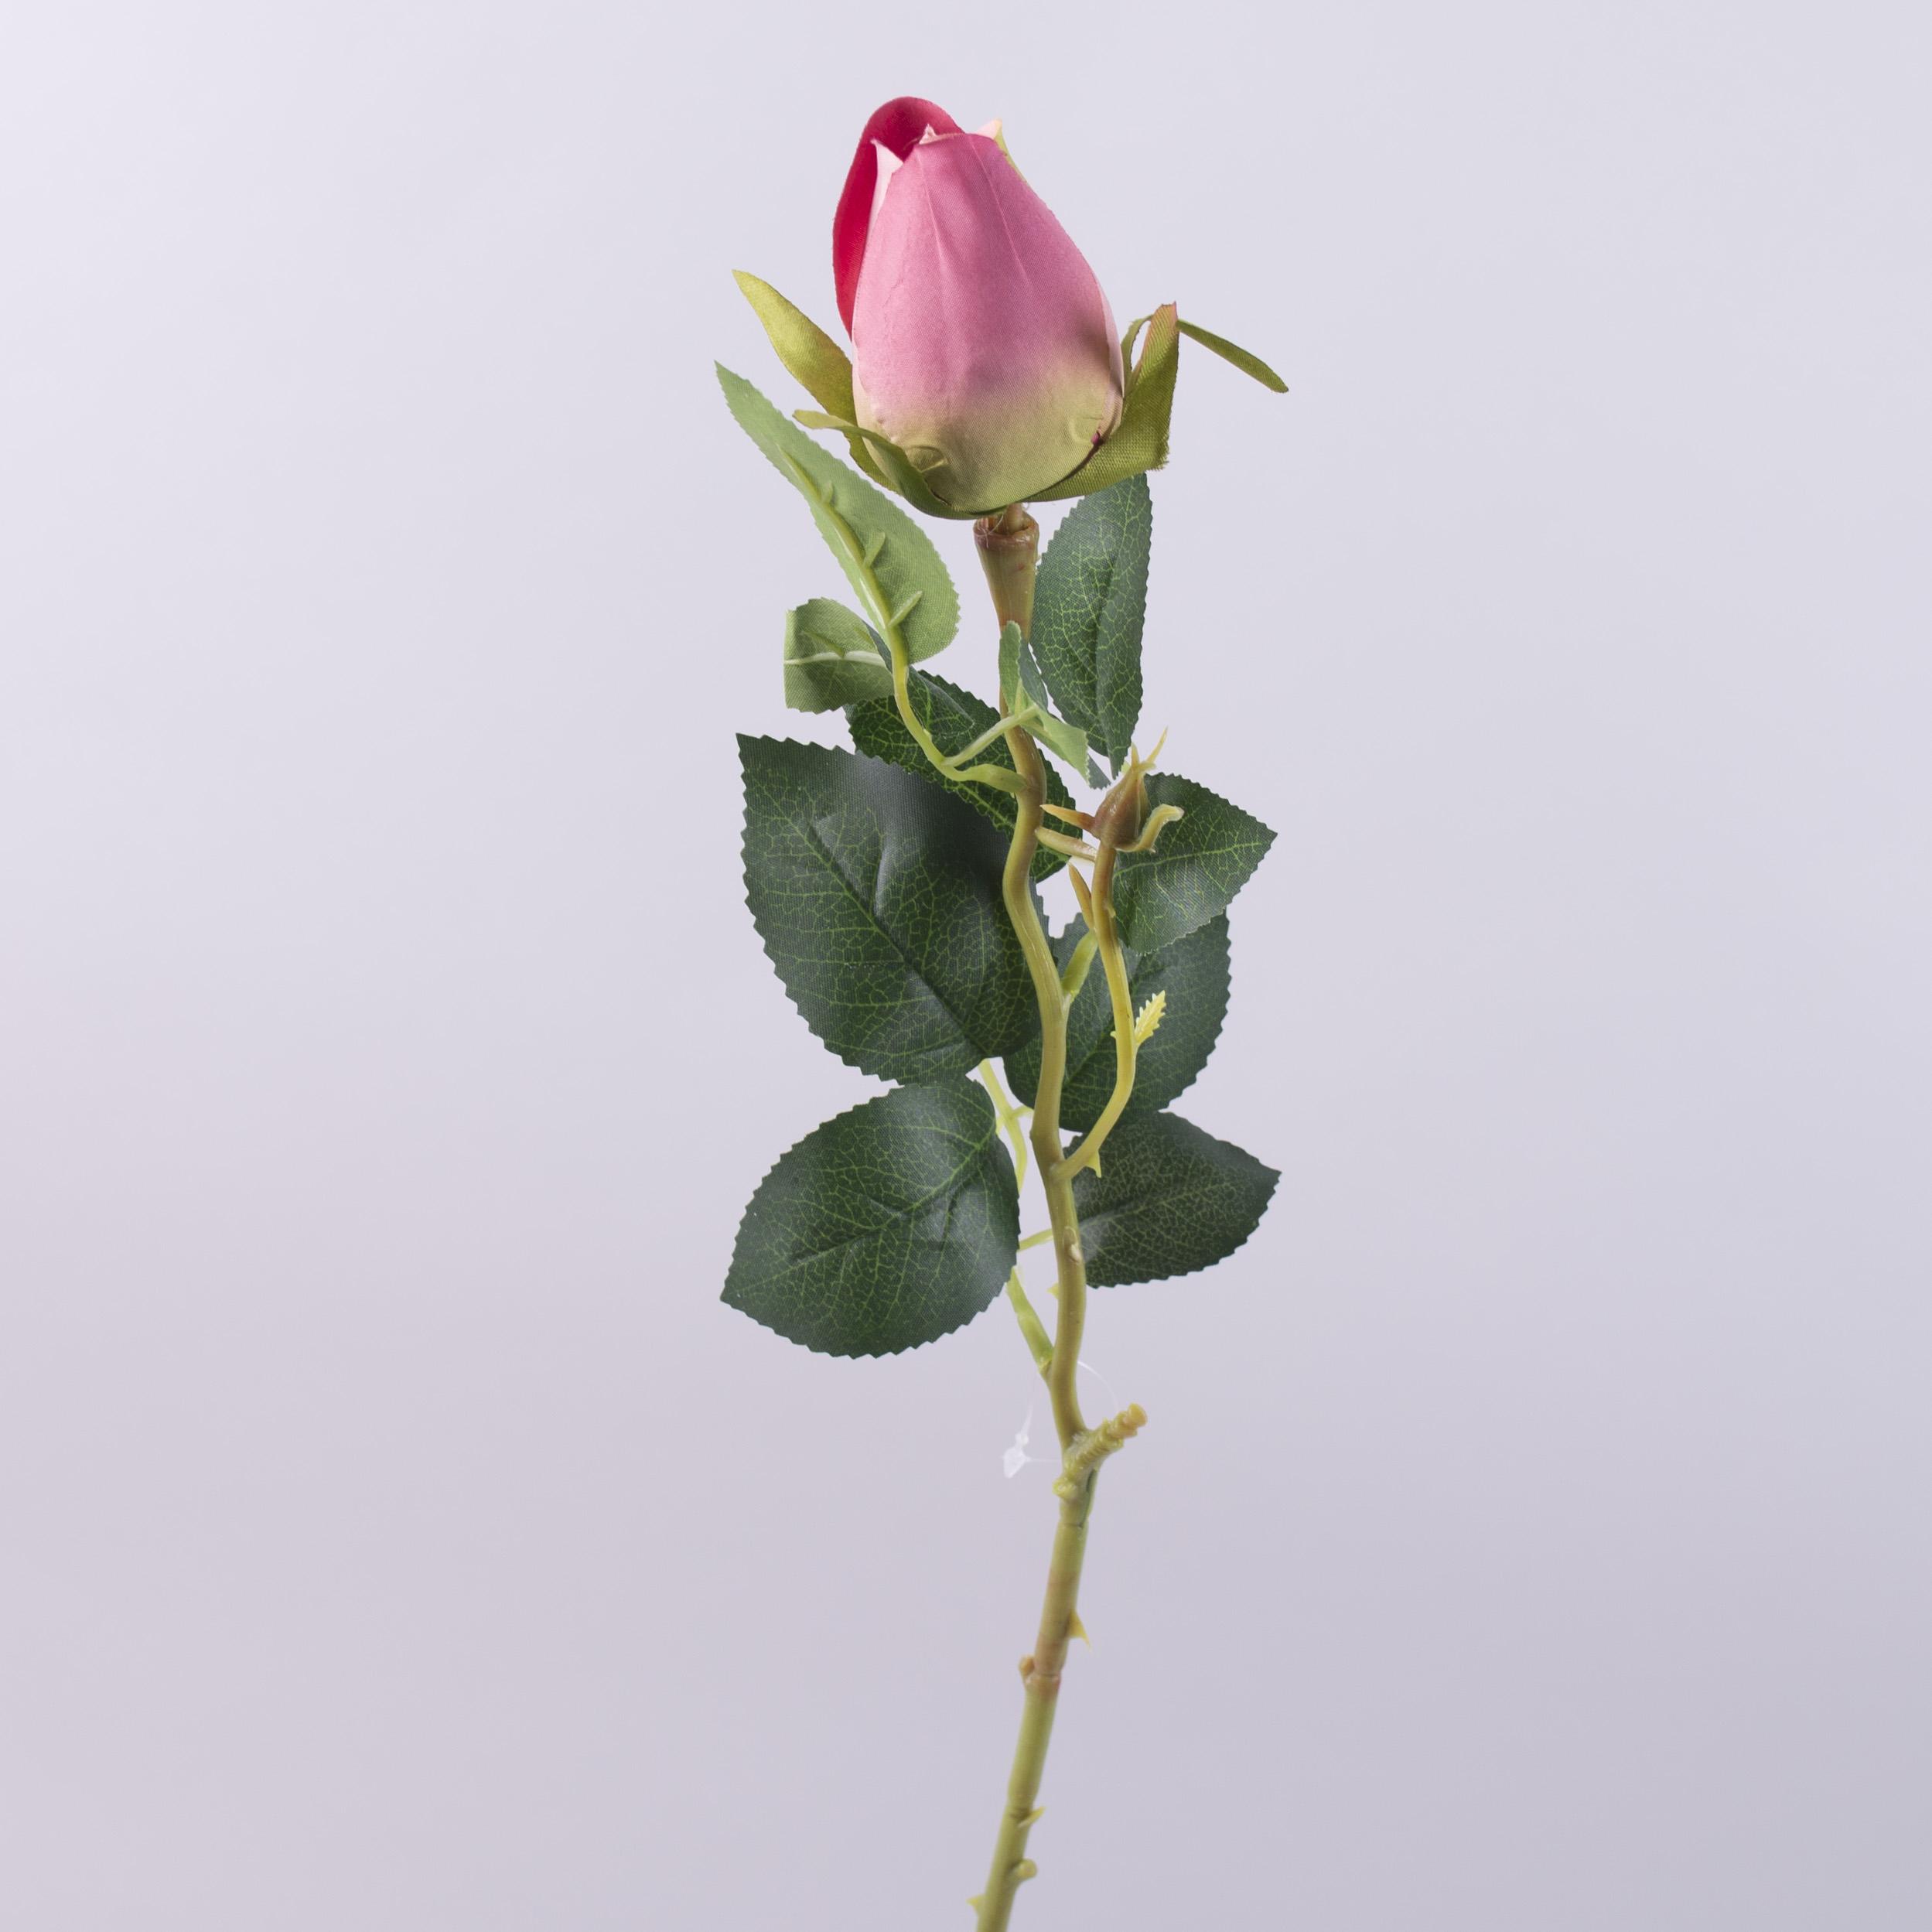 роза с закрытым бутоном сливовая